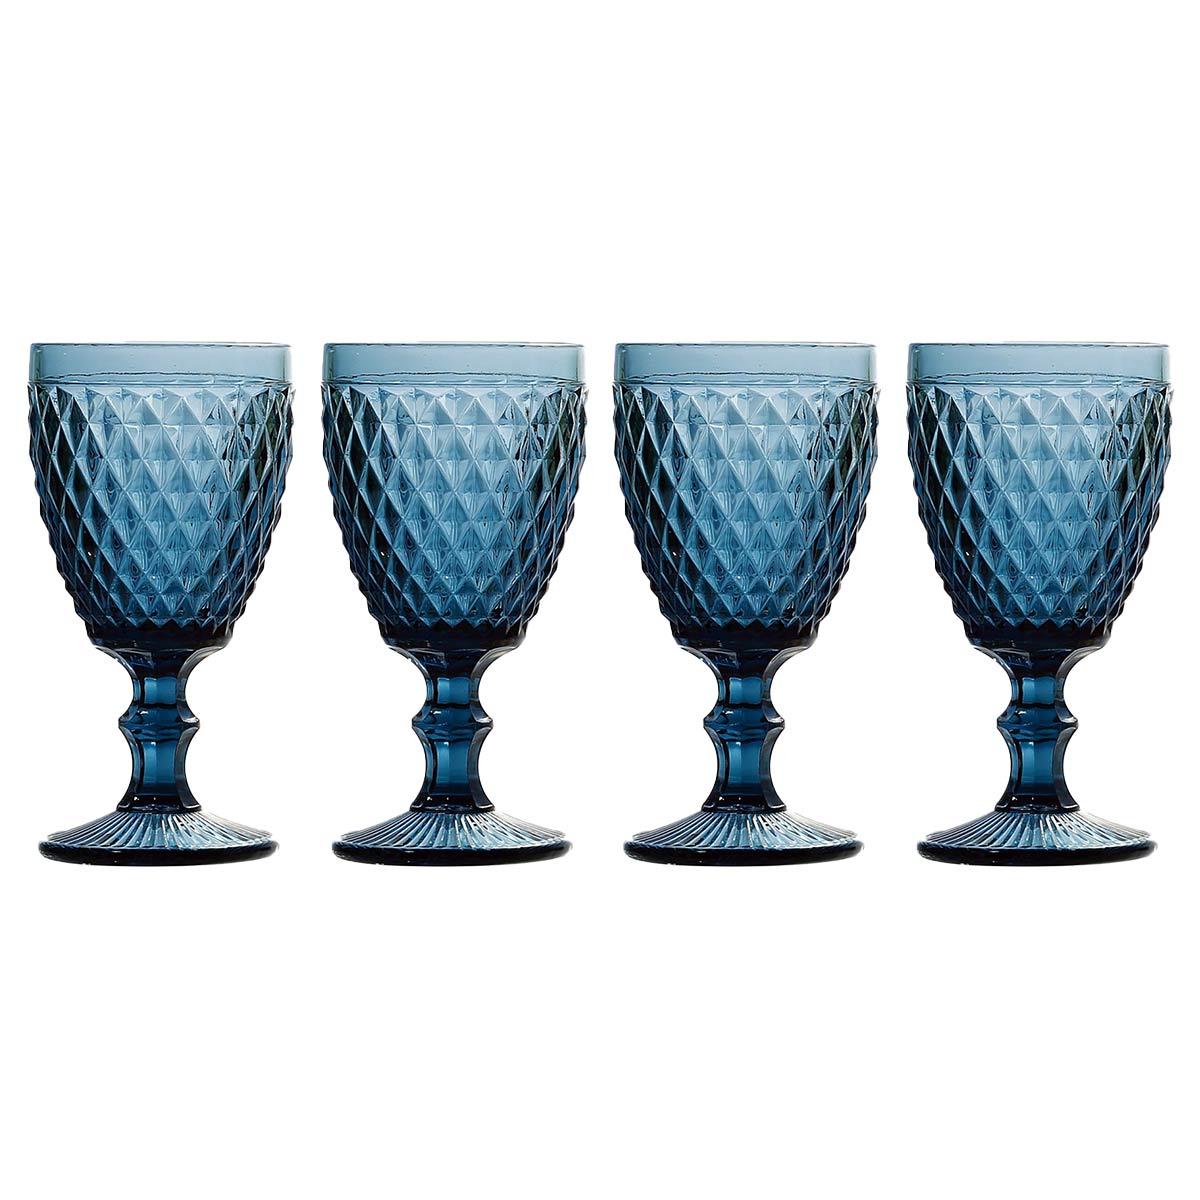 Jogo 4 Taças p/Água em Vidro Azul Bico de Abacaxi 260ml Lyor  - Lemis